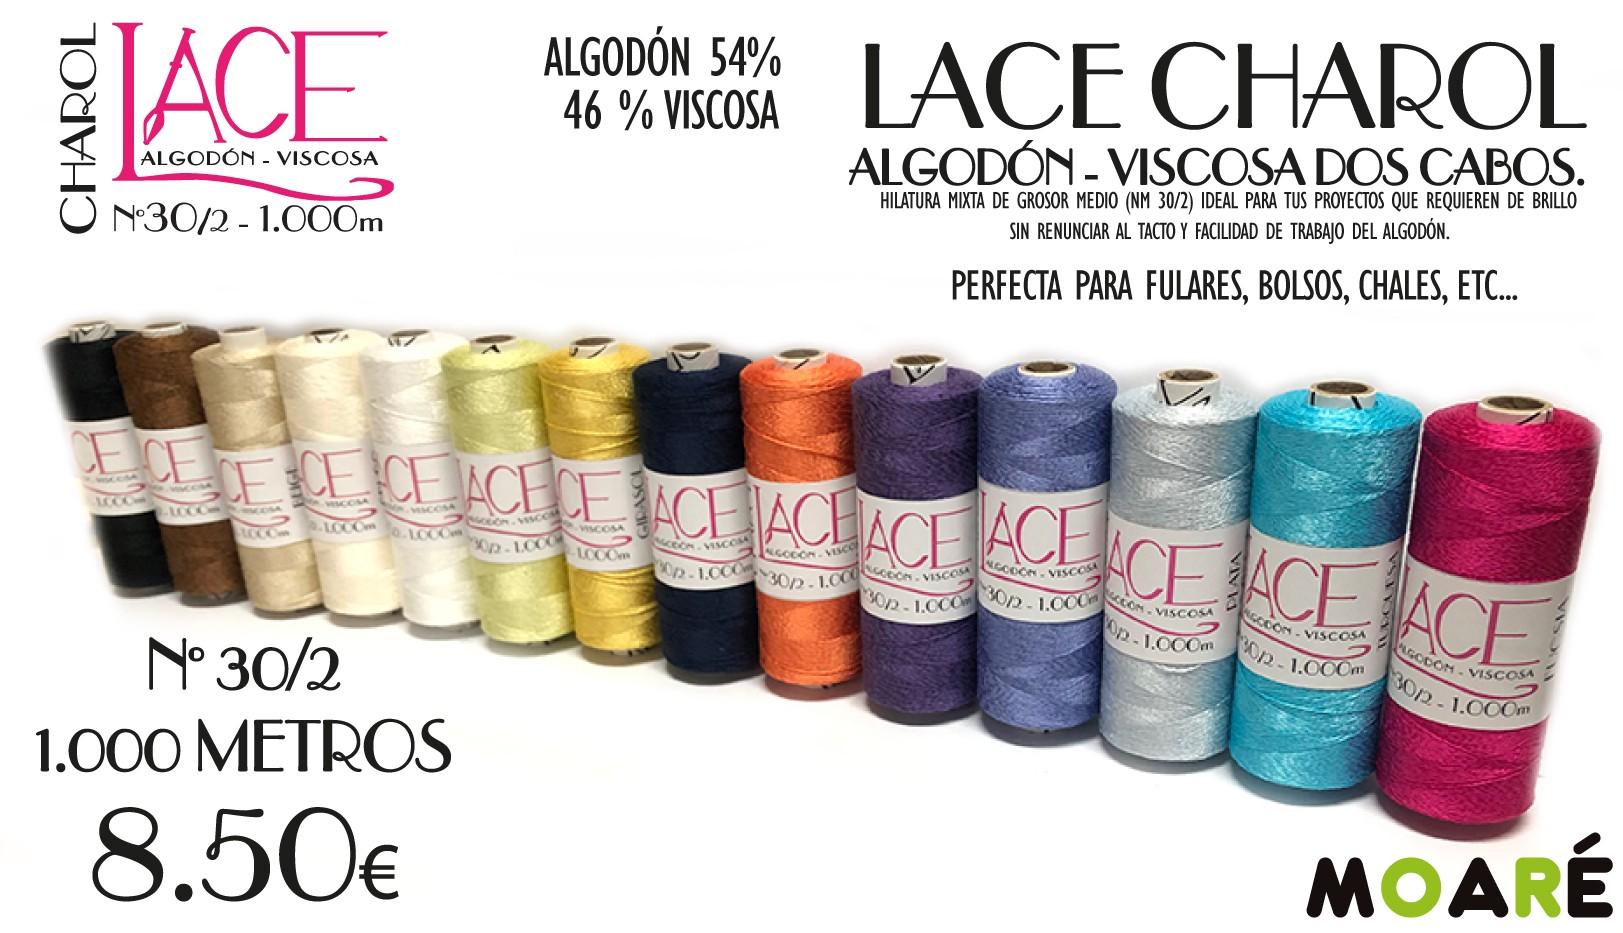 ALGODON-VISCOSA LACE CHAROL